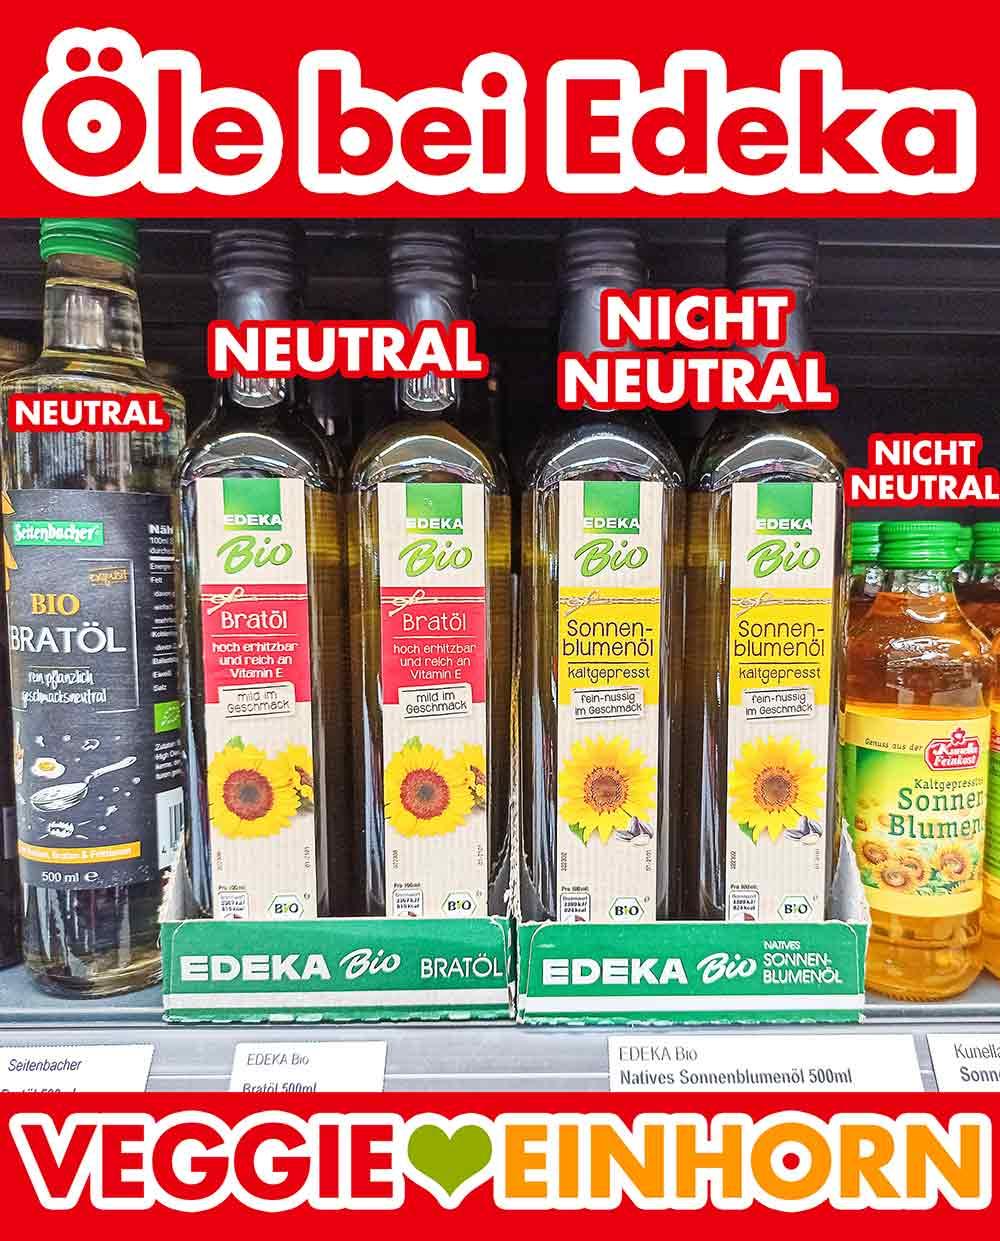 Flaschen mit Pflanzenöl im Regal bei Edeka